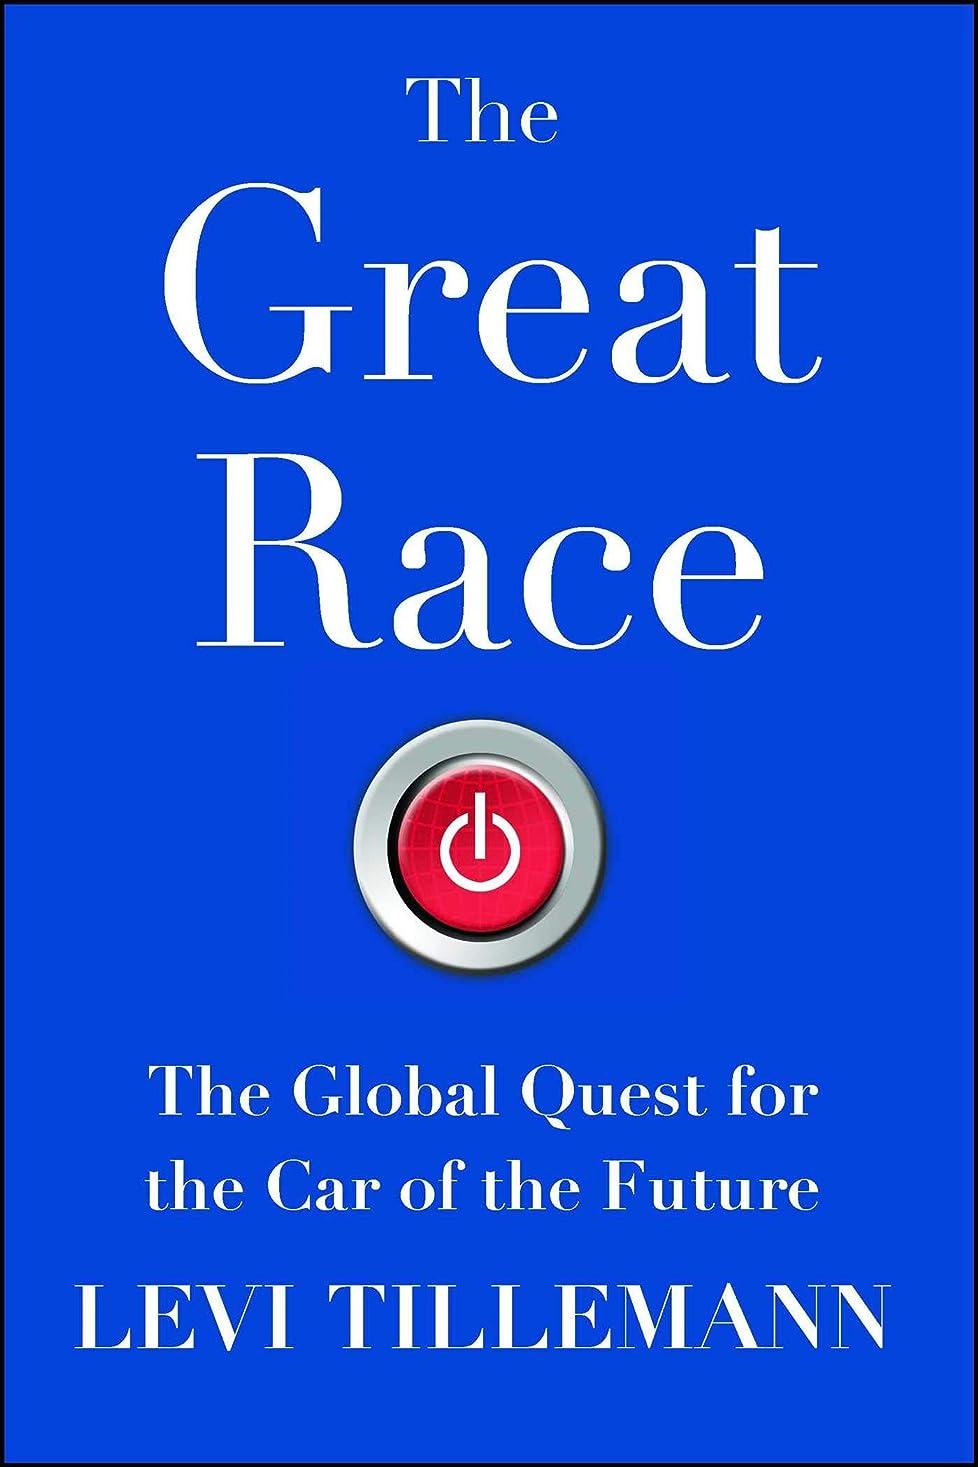 興味マカダムパースブラックボロウThe Great Race: The Global Quest for the Car of the Future (English Edition)